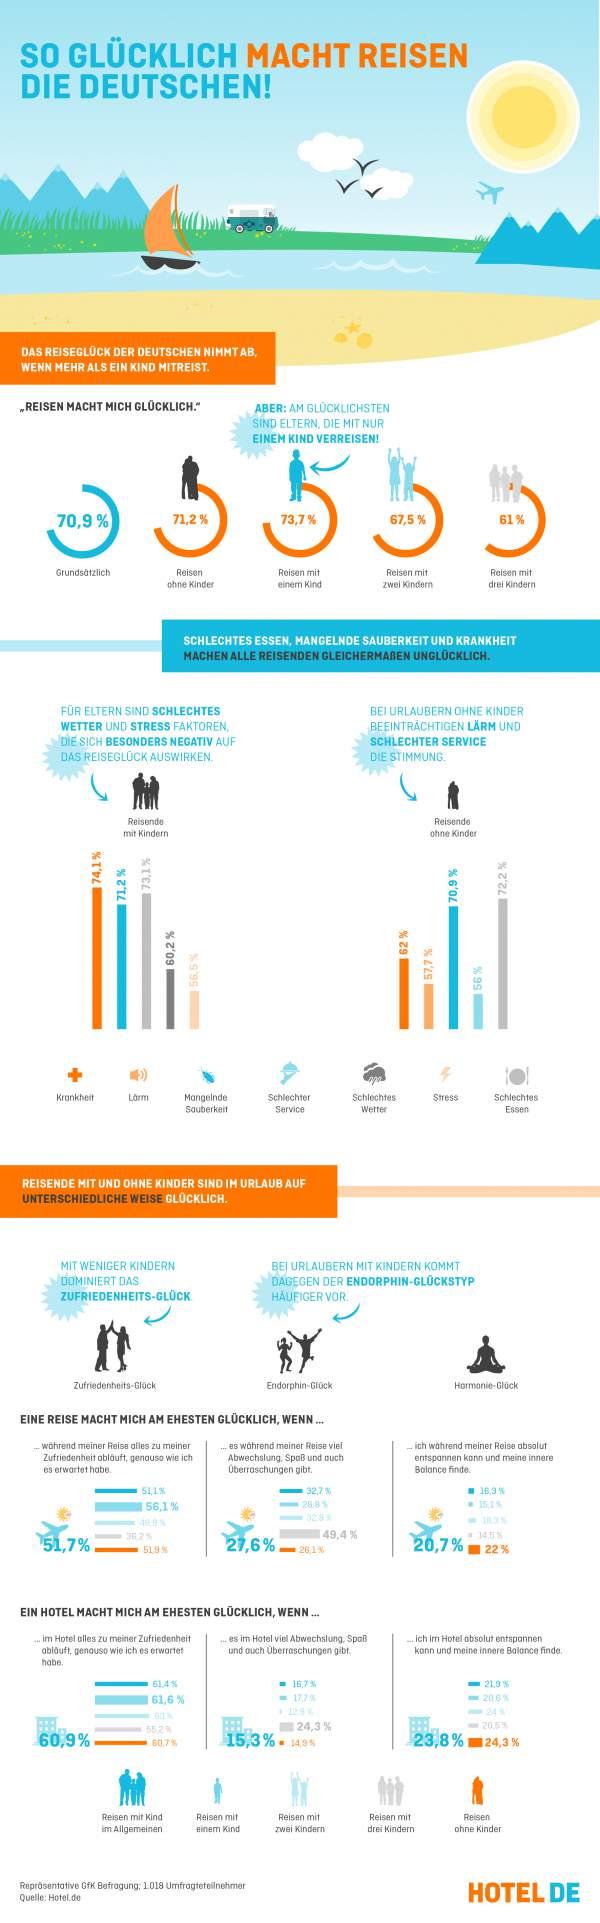 Abbildung von Ergebnissen, die zeigen, was die Deutschen beim Reisen gluecklich macht